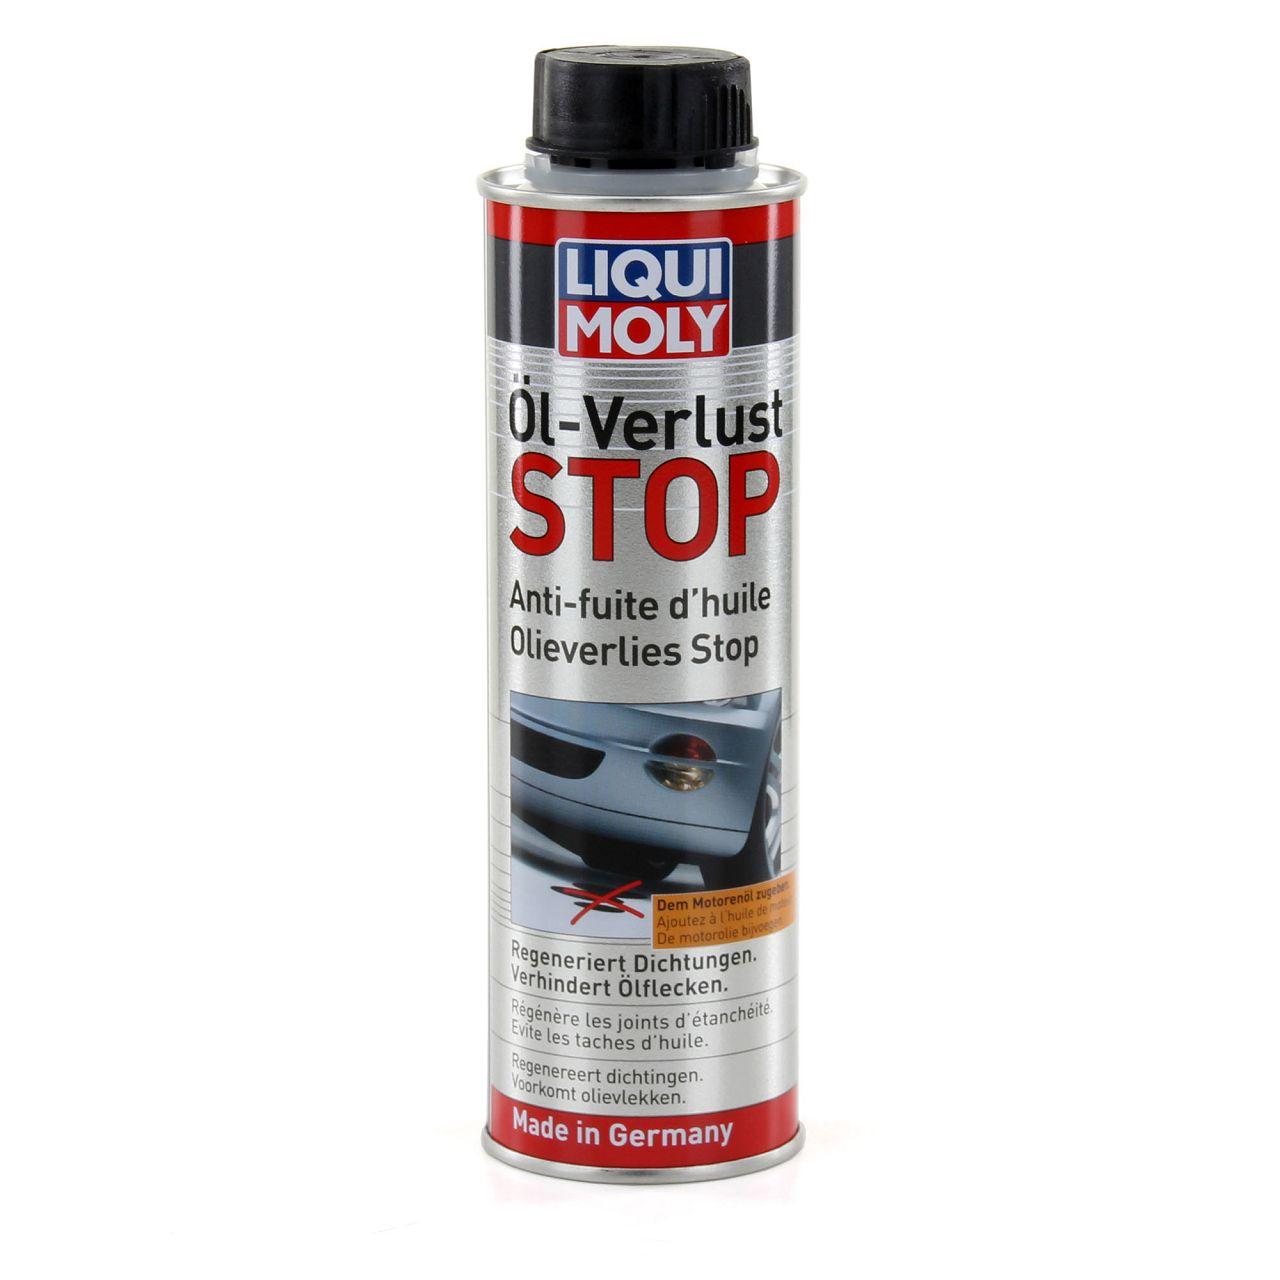 300ml LIQUI MOLY Ölverlust Stop Additiv - schützt vor Leckverlusten 1005